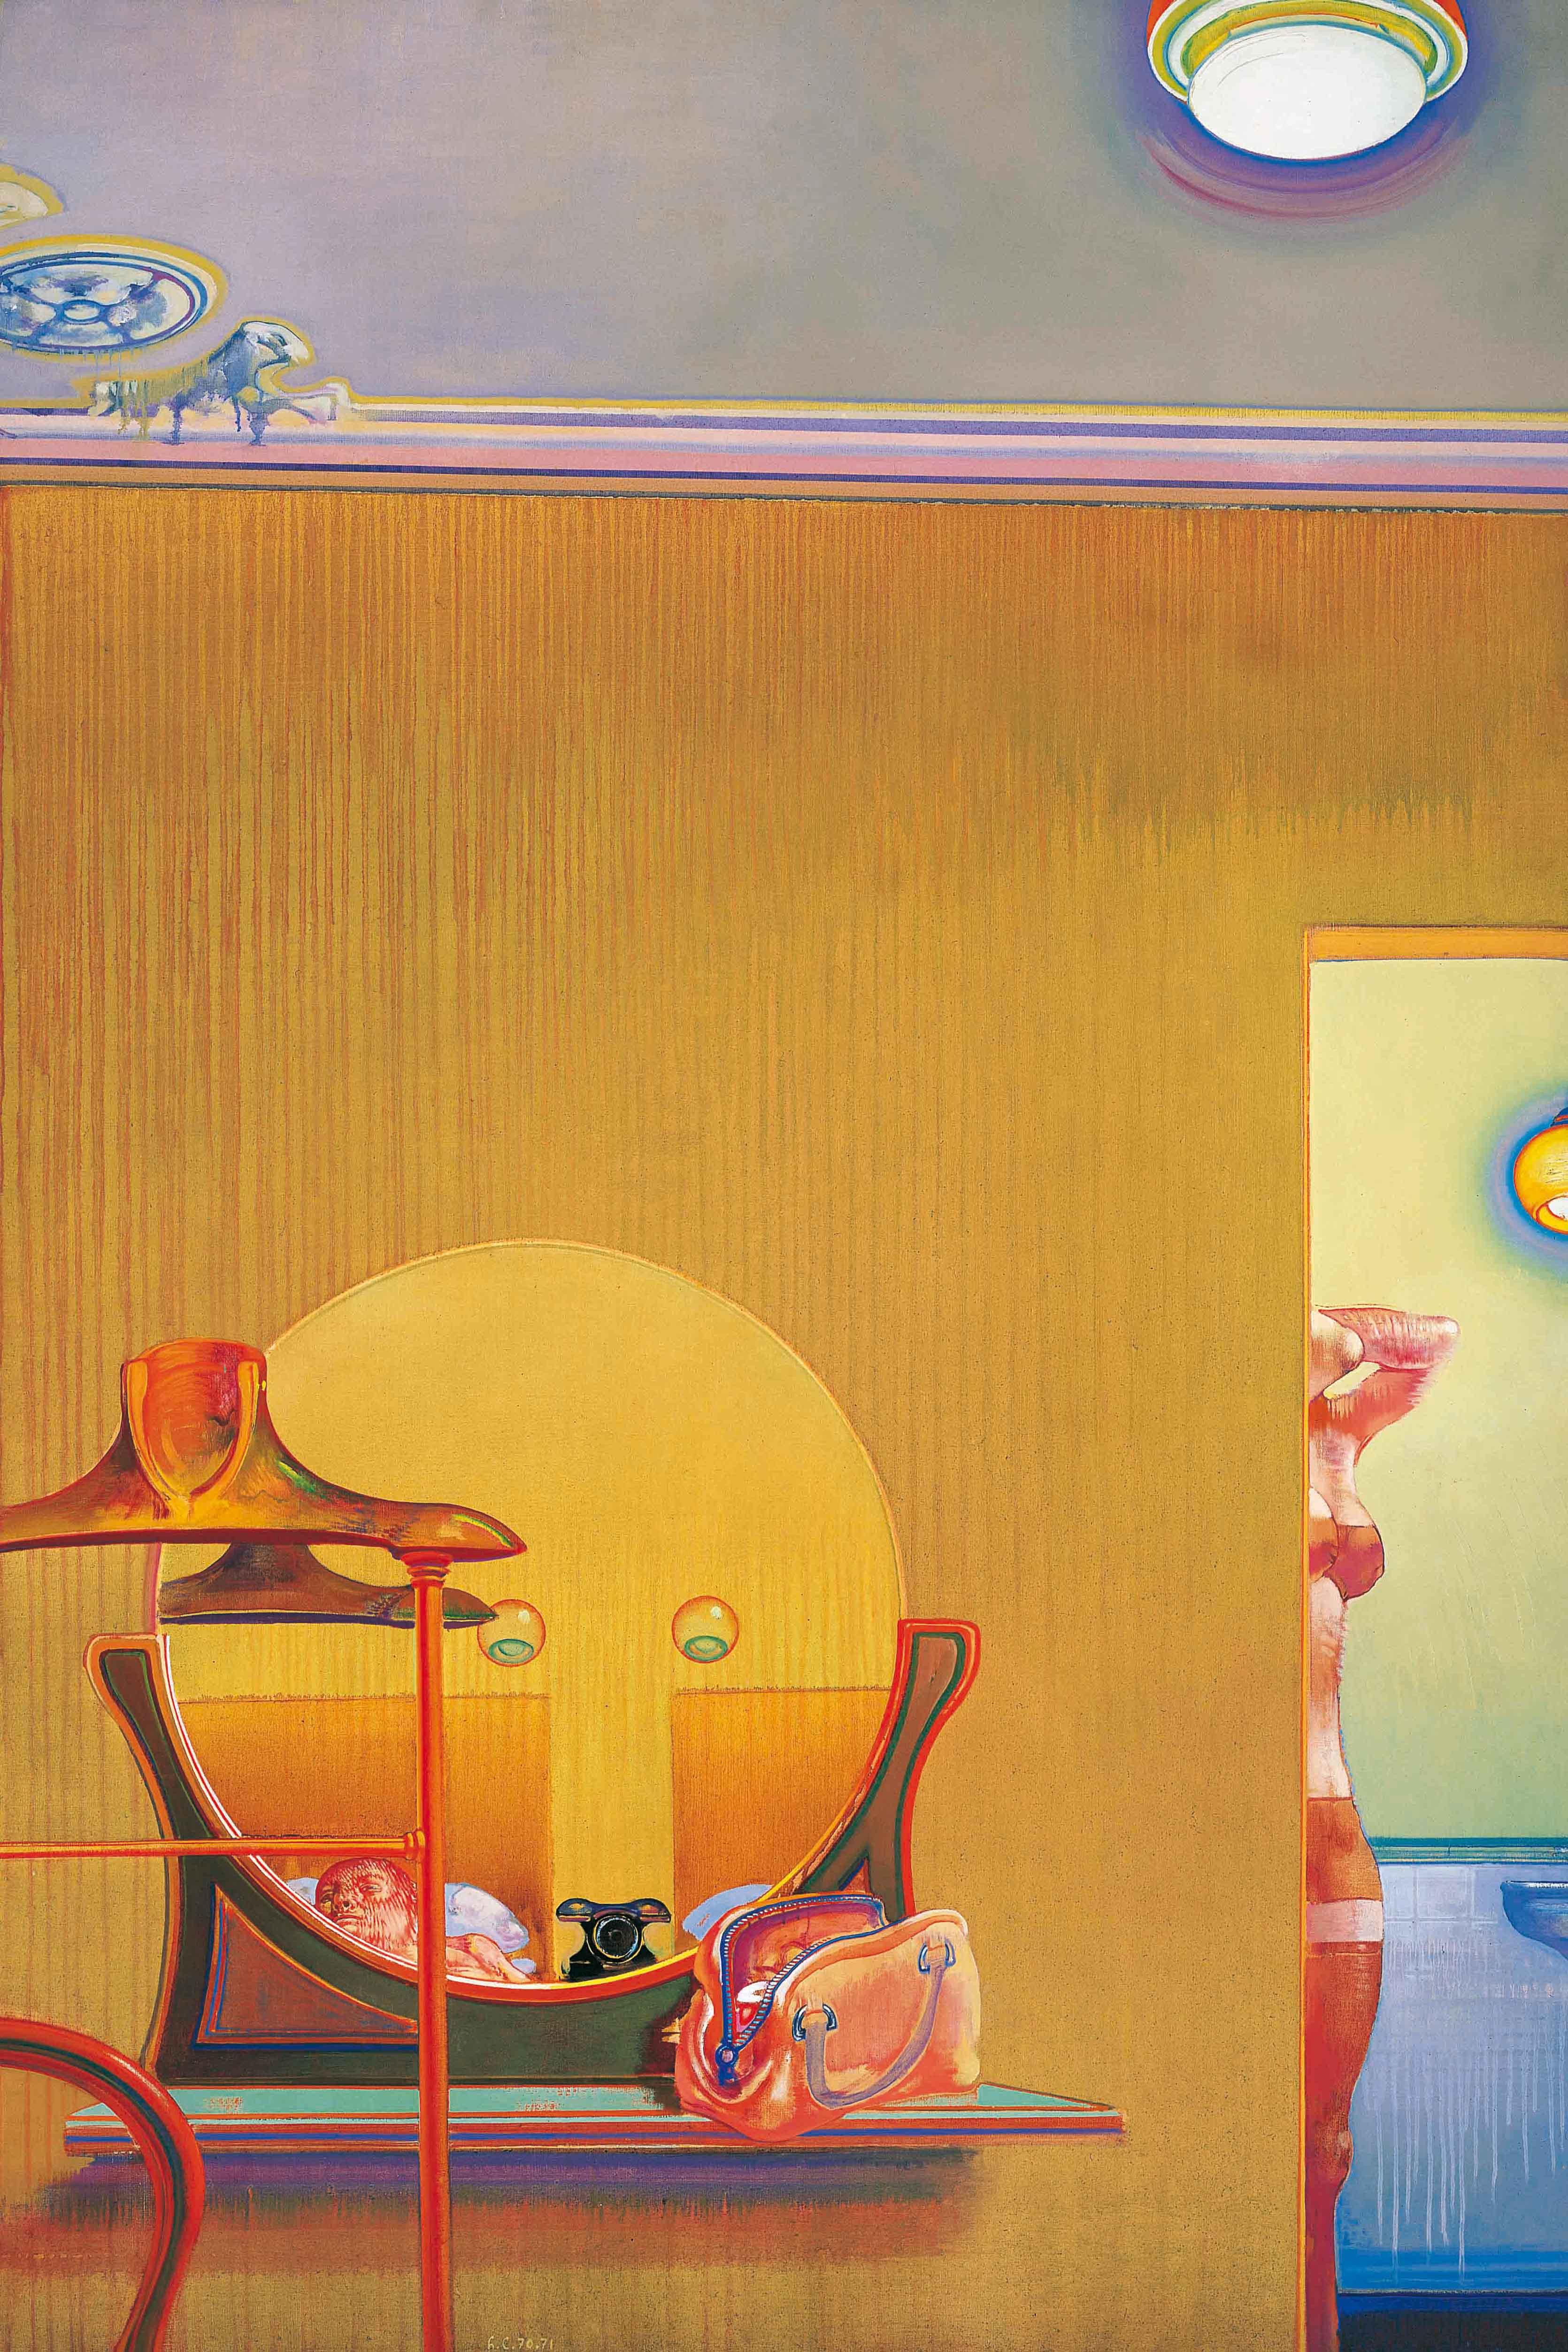 Les indiscrétions d'une chambre, 1970-1971, huile sur toile, 195 x 130 cm - Leonardo Cremonini